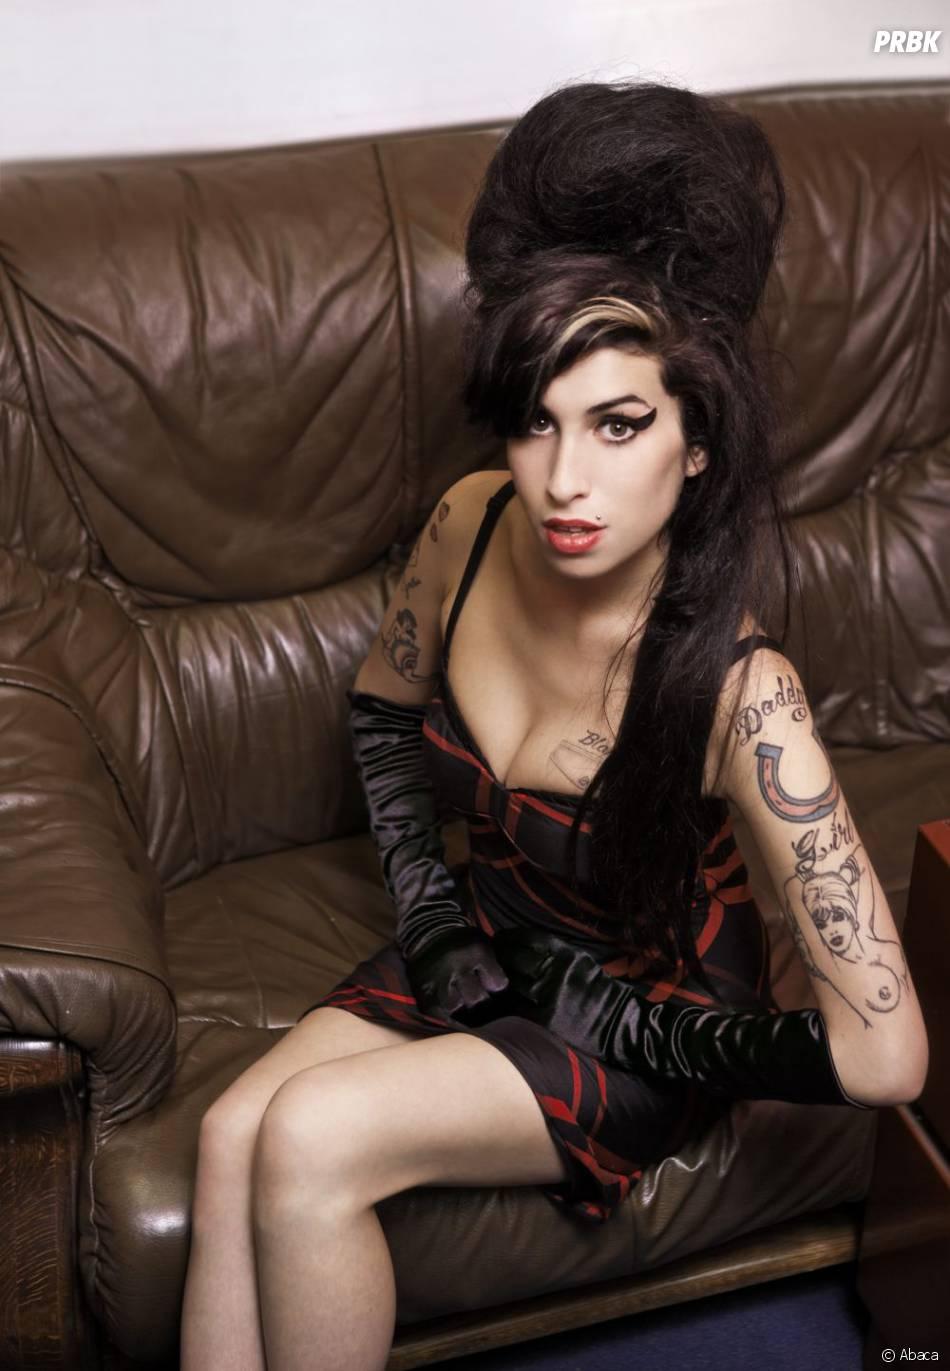 Un an après le décès d'Amy Winehouse, l'histoire semble se répéter...